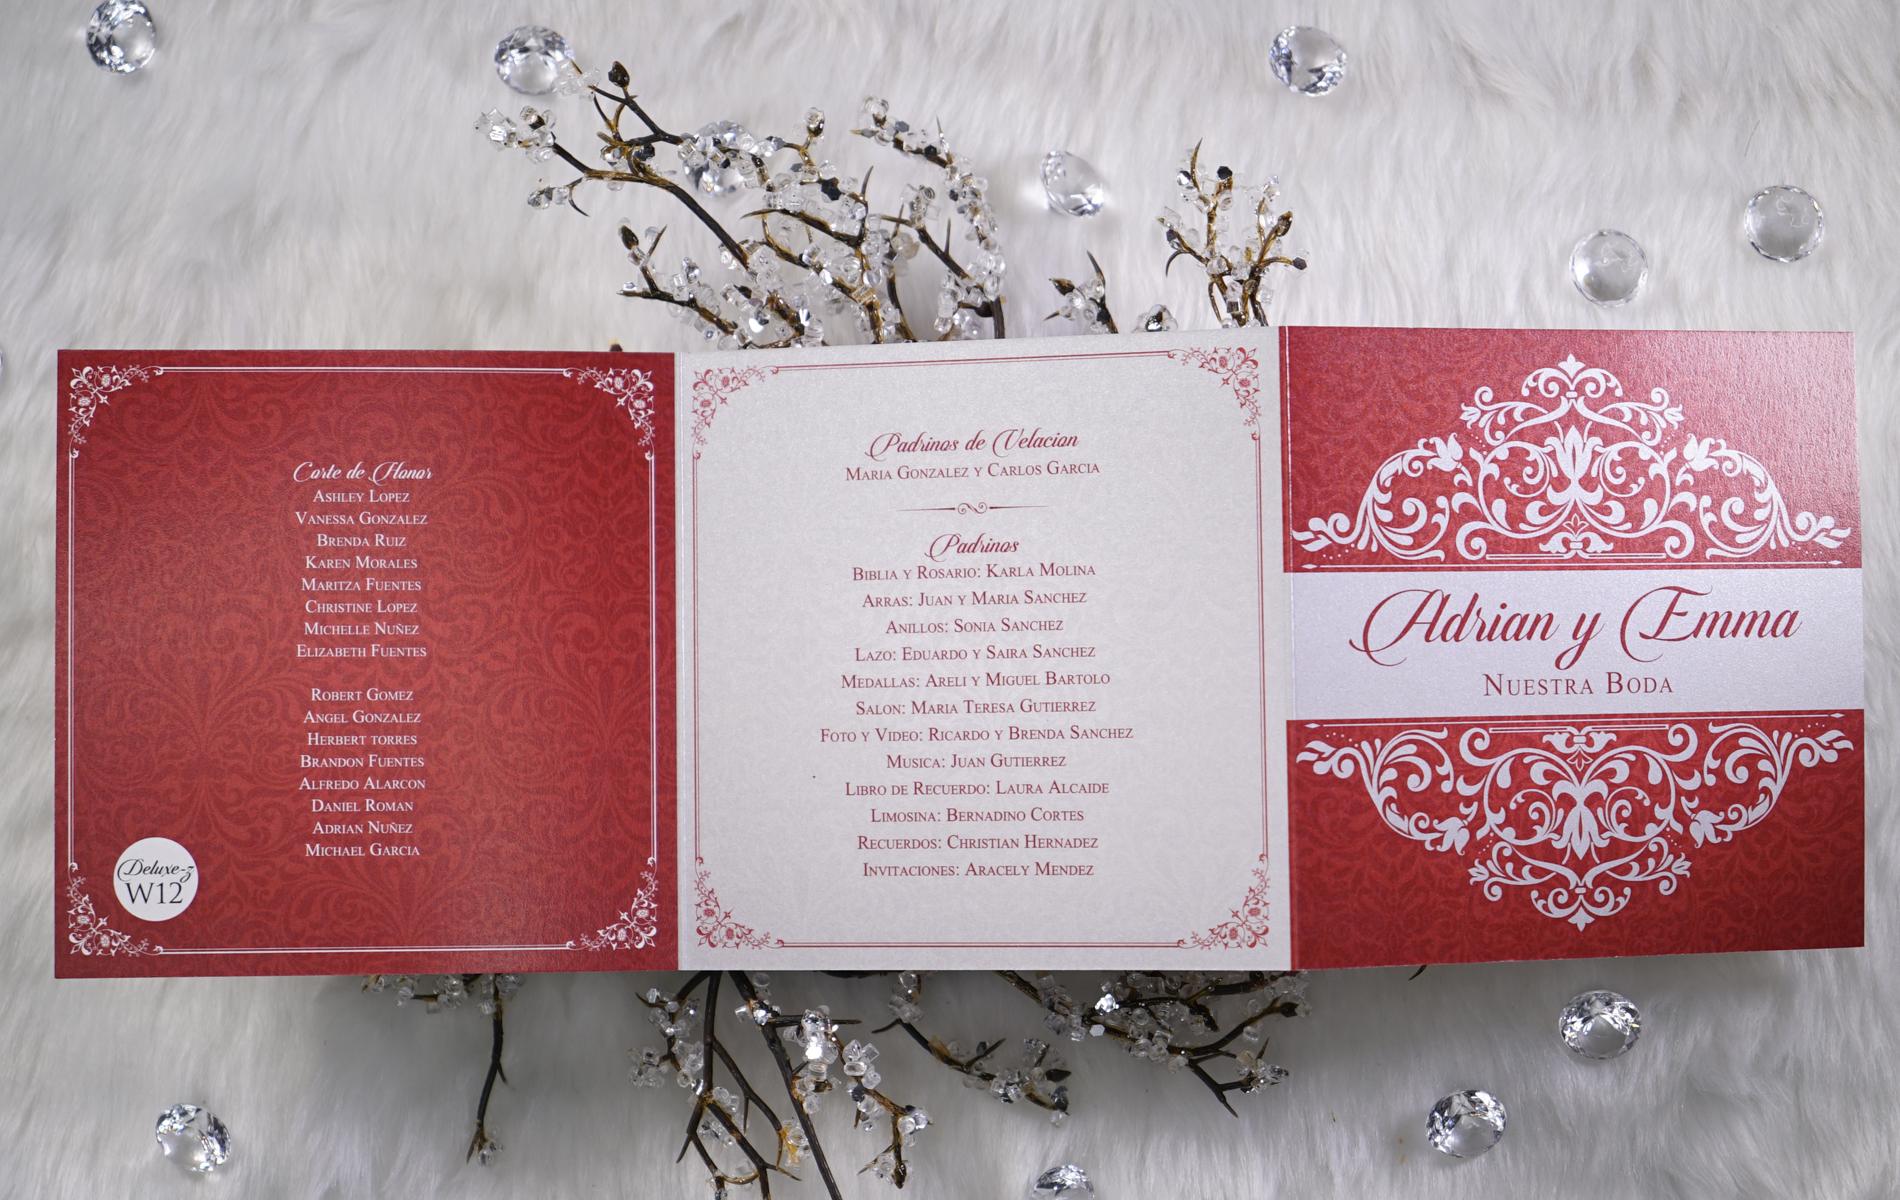 Deluxe Zinvite Wedding Special – SoloInvitaciones